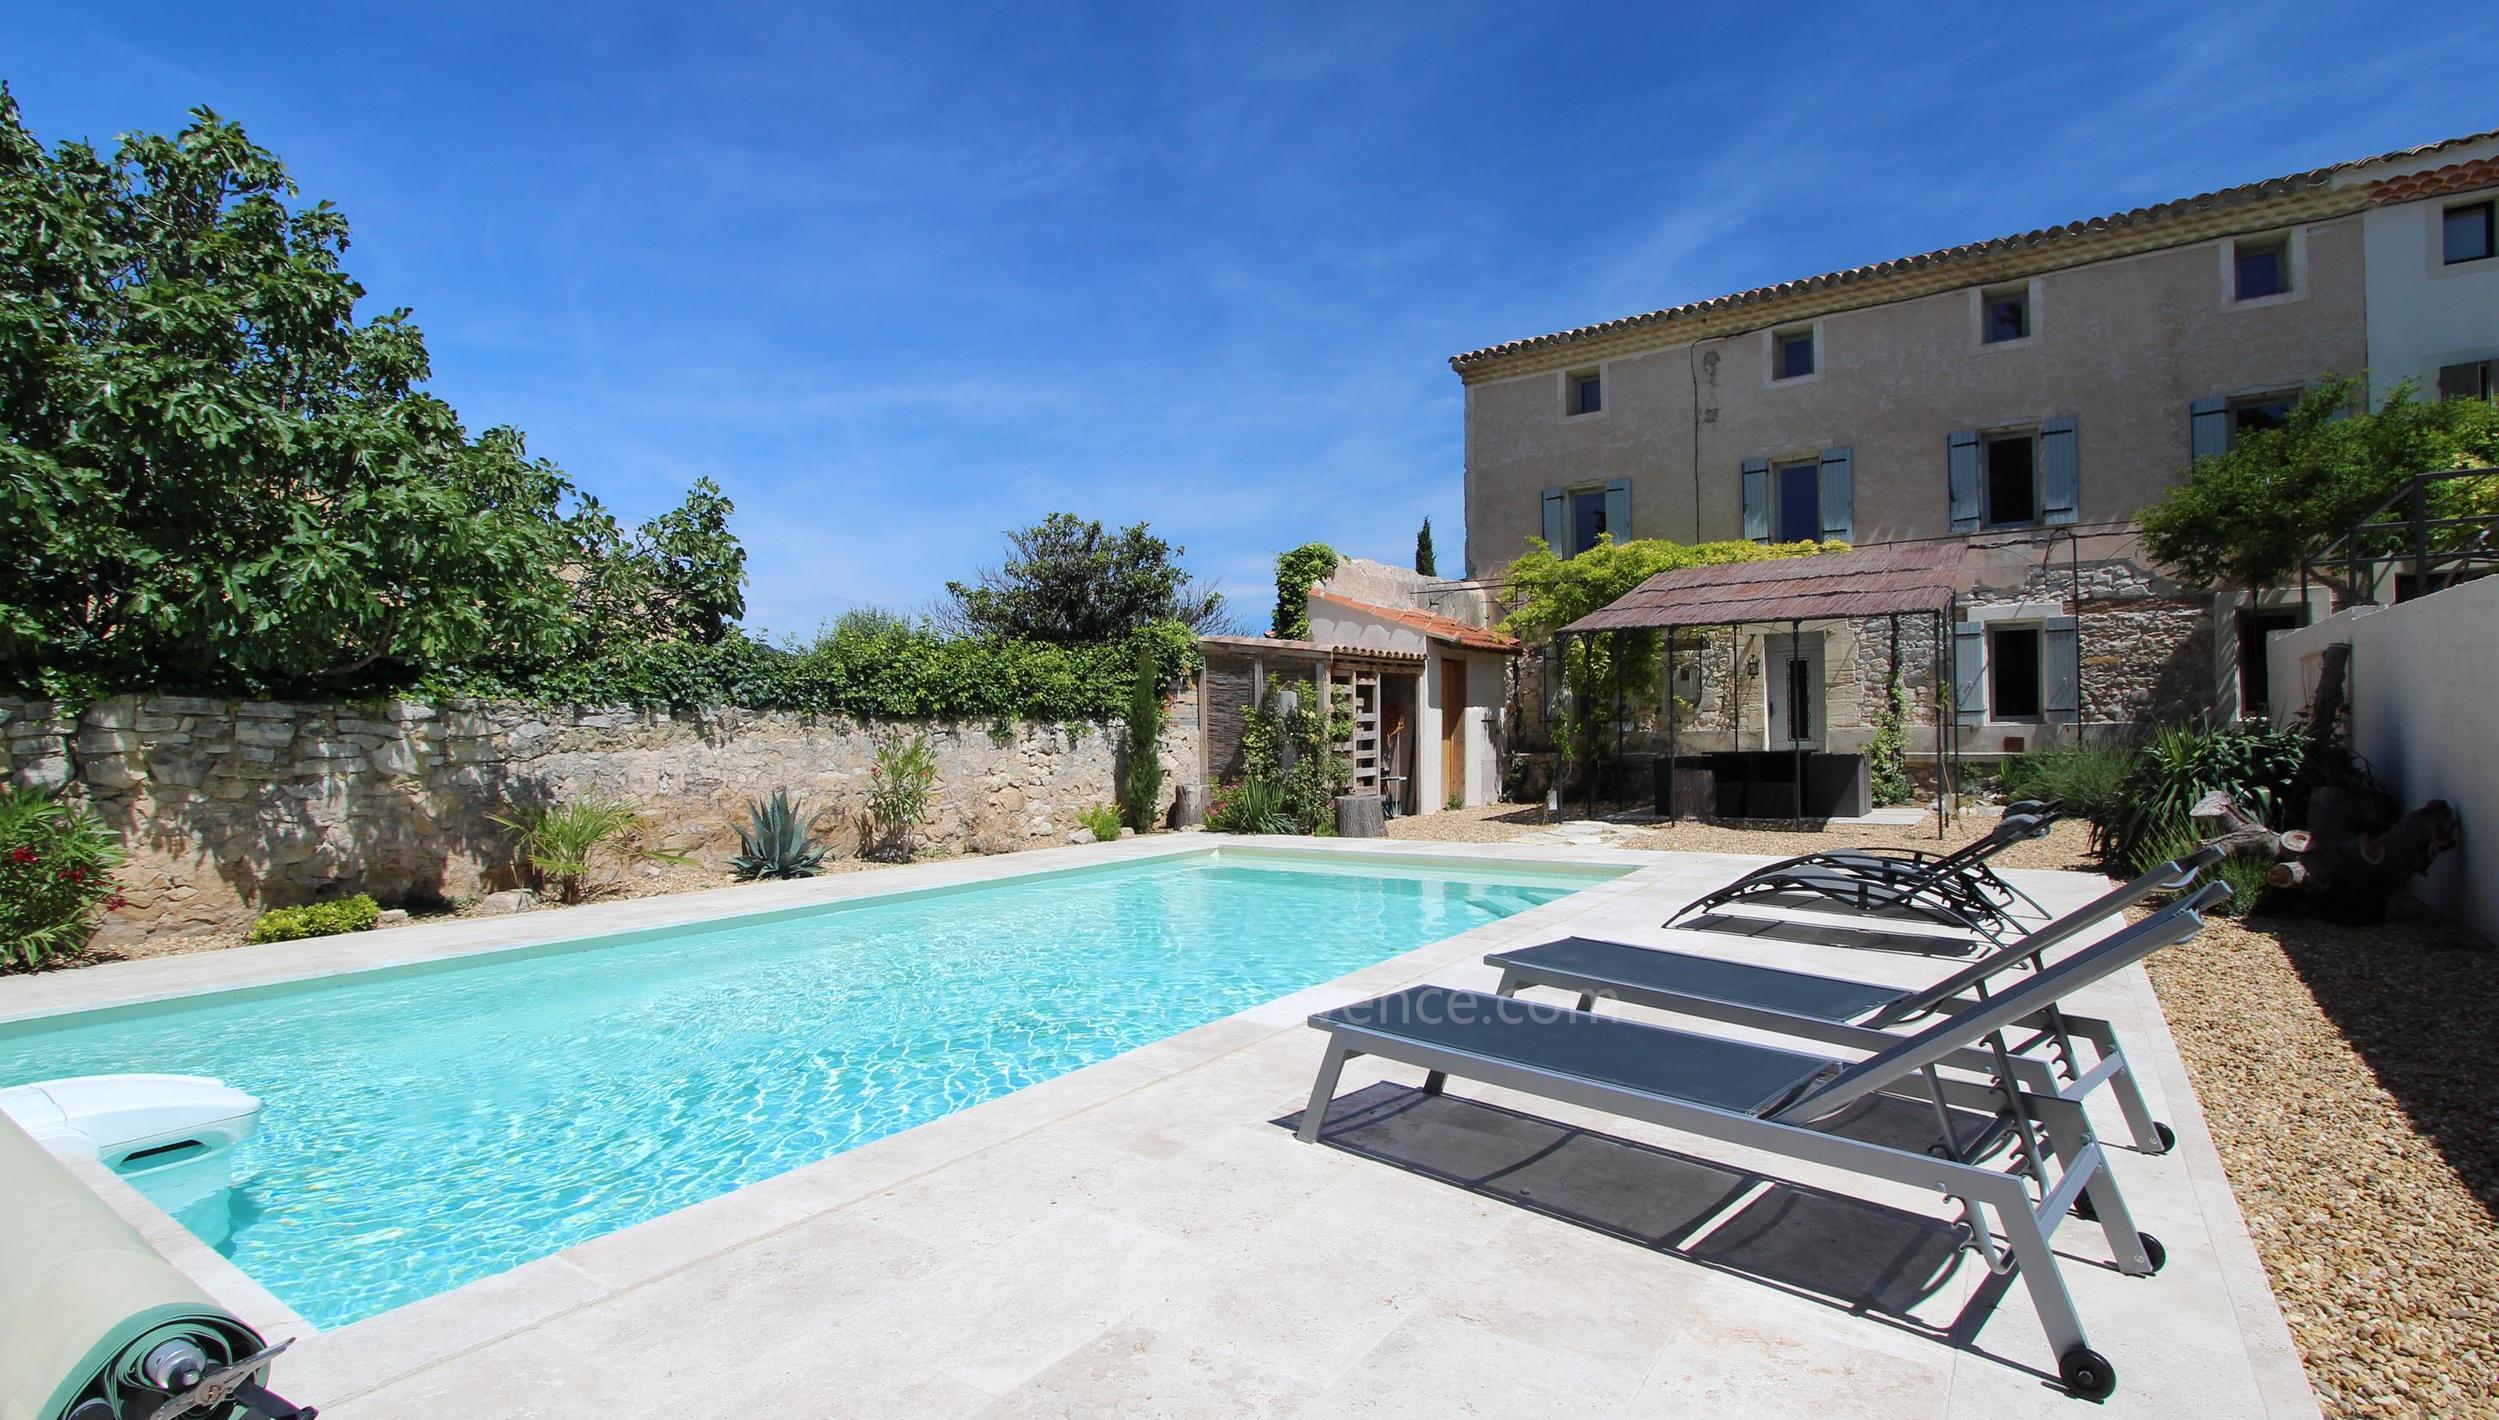 Louer maison en provence avec piscine ventana blog - Location maison avec piscine luberon ...